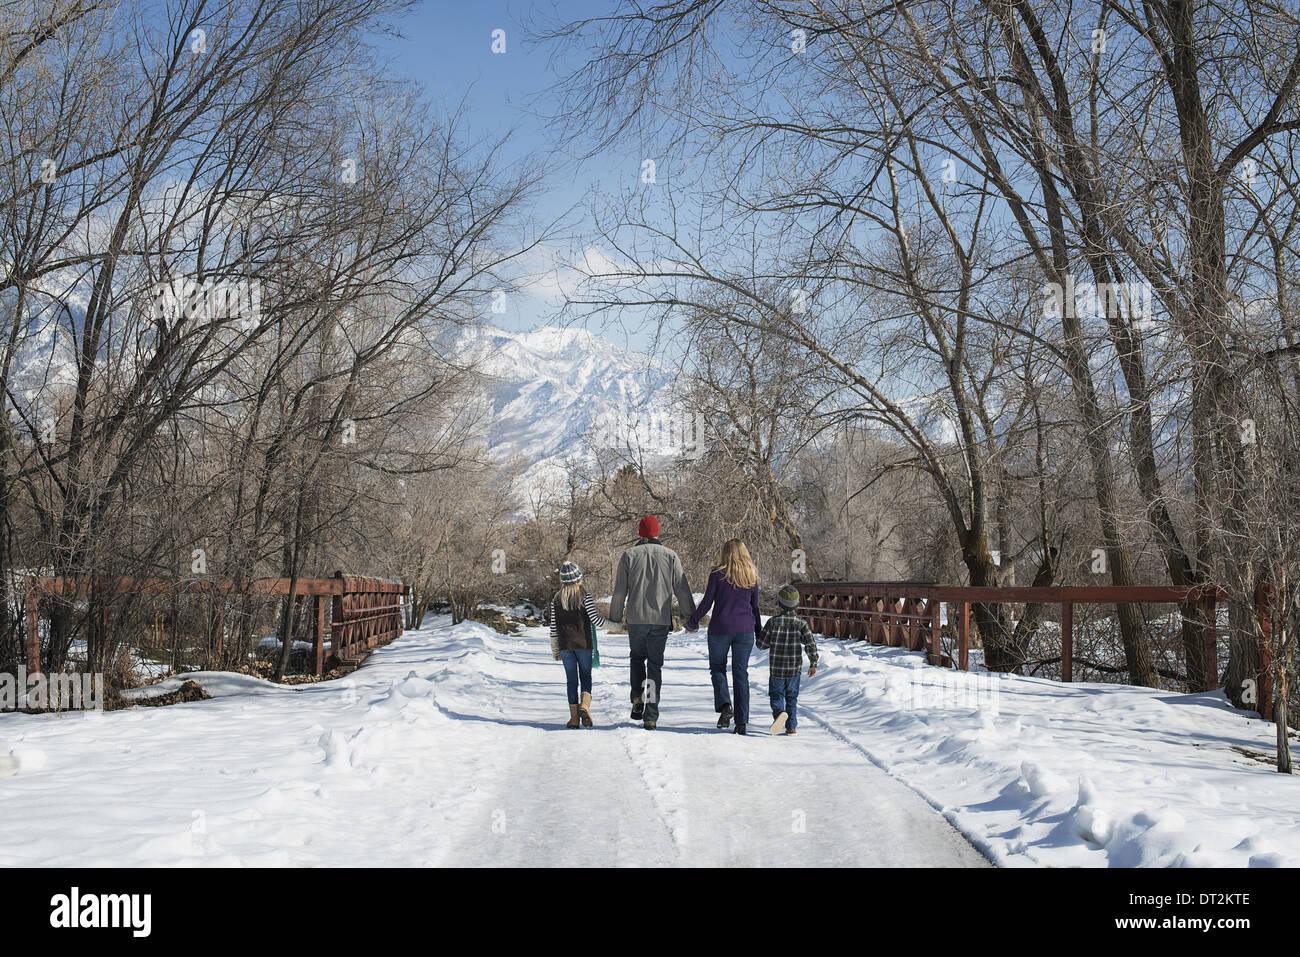 Paysage d'hiver avec neige au sol une famille adultes et deux enfants marchant sur une route vide Photo Stock